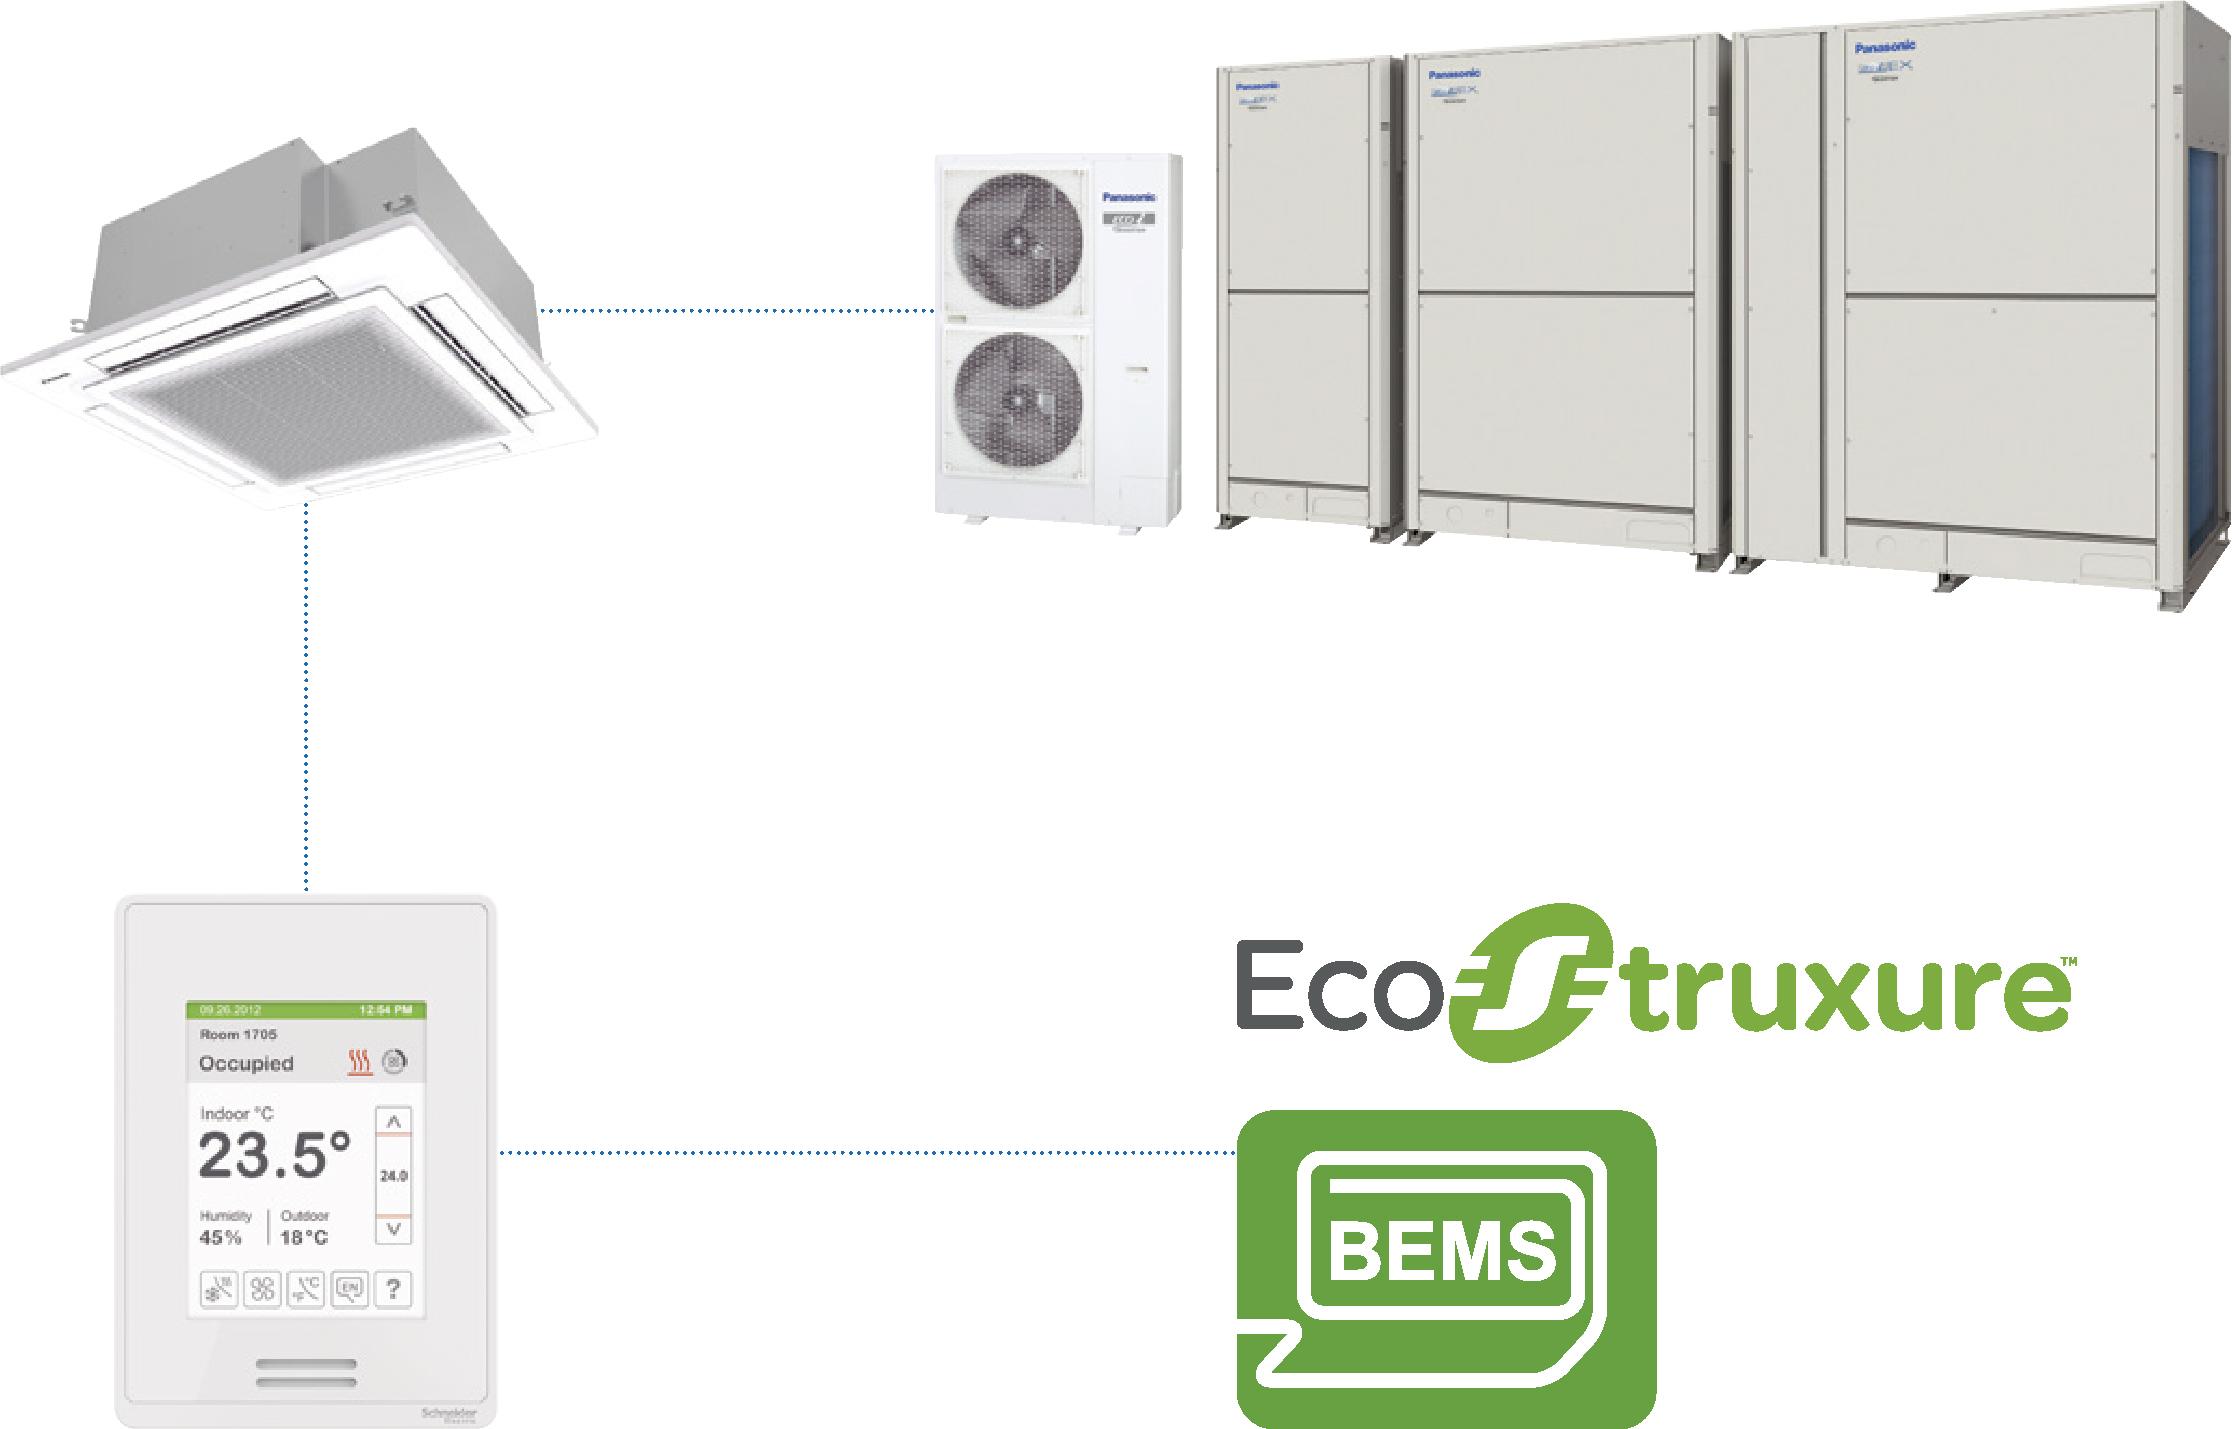 Die Brücke zur Gebäudeleittechnik BACnet schlägt das Gebäudeenergiemanagement-System (GEMS) von Schneider Electric praktisch ohne dass der Nutzer es bemerkt. Es muss lediglich jedem Raum eine eigene BACnet-Adresse zugeordnet werden.